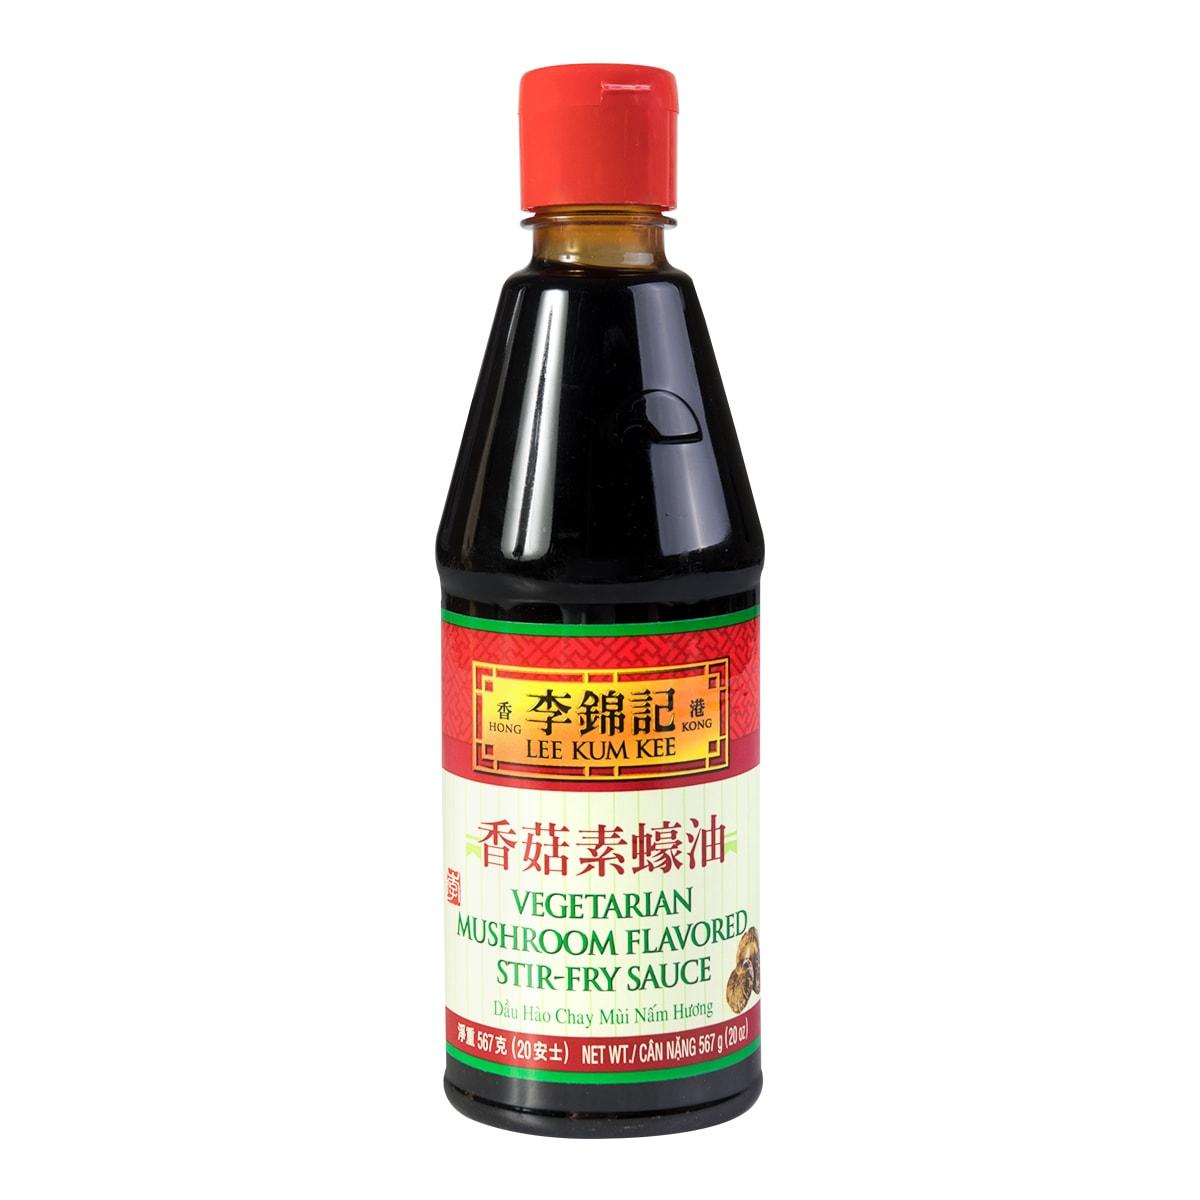 香港李锦记 香菇素蚝油 567g